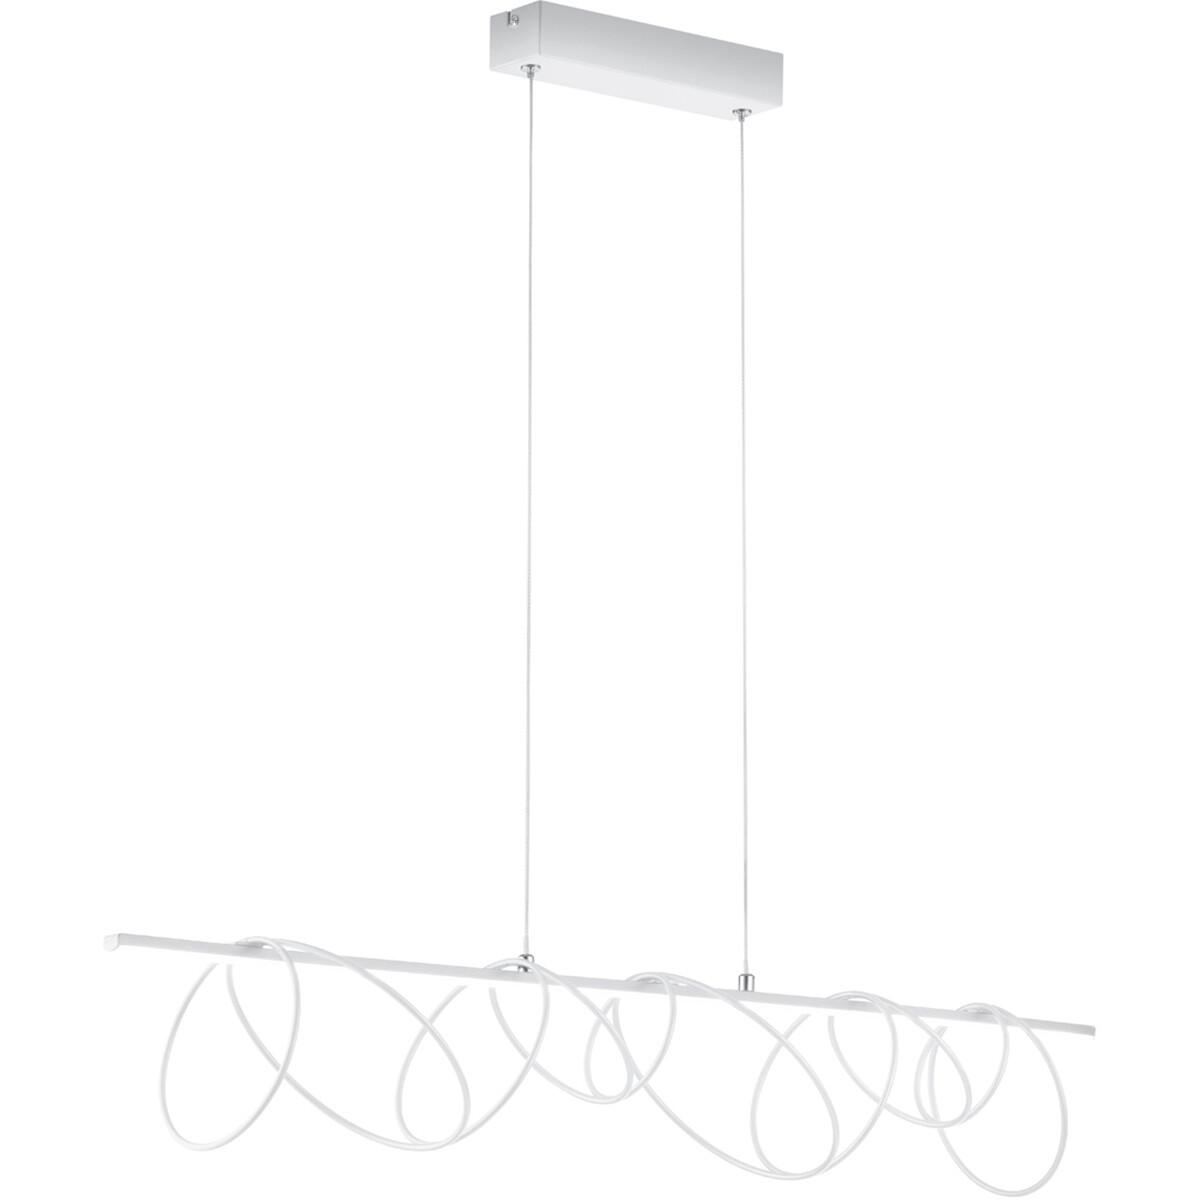 LED Hanglamp - Hangverlichting - Trion Soba - 18W - Natuurlijk Wit 4000K - Rechthoek - Mat Wit - Aluminium